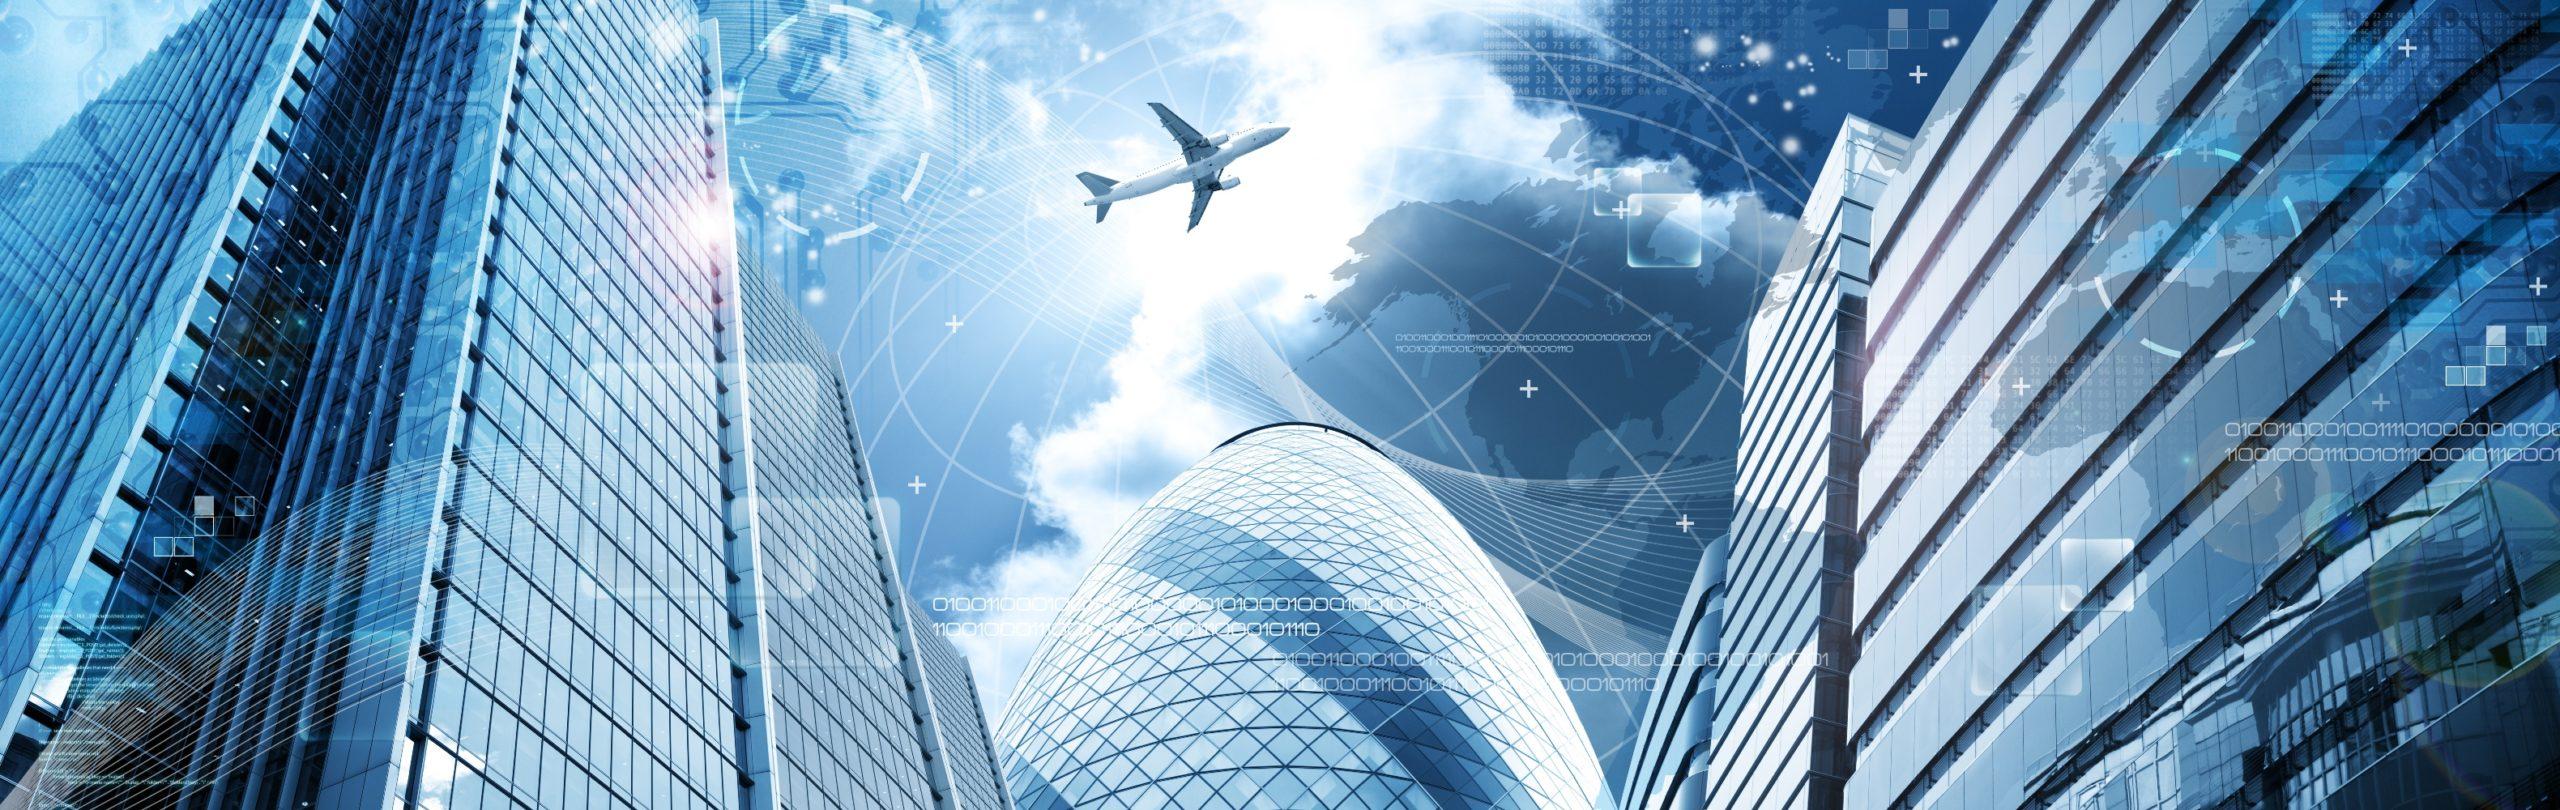 Аренда самолетов бизнес-авиации